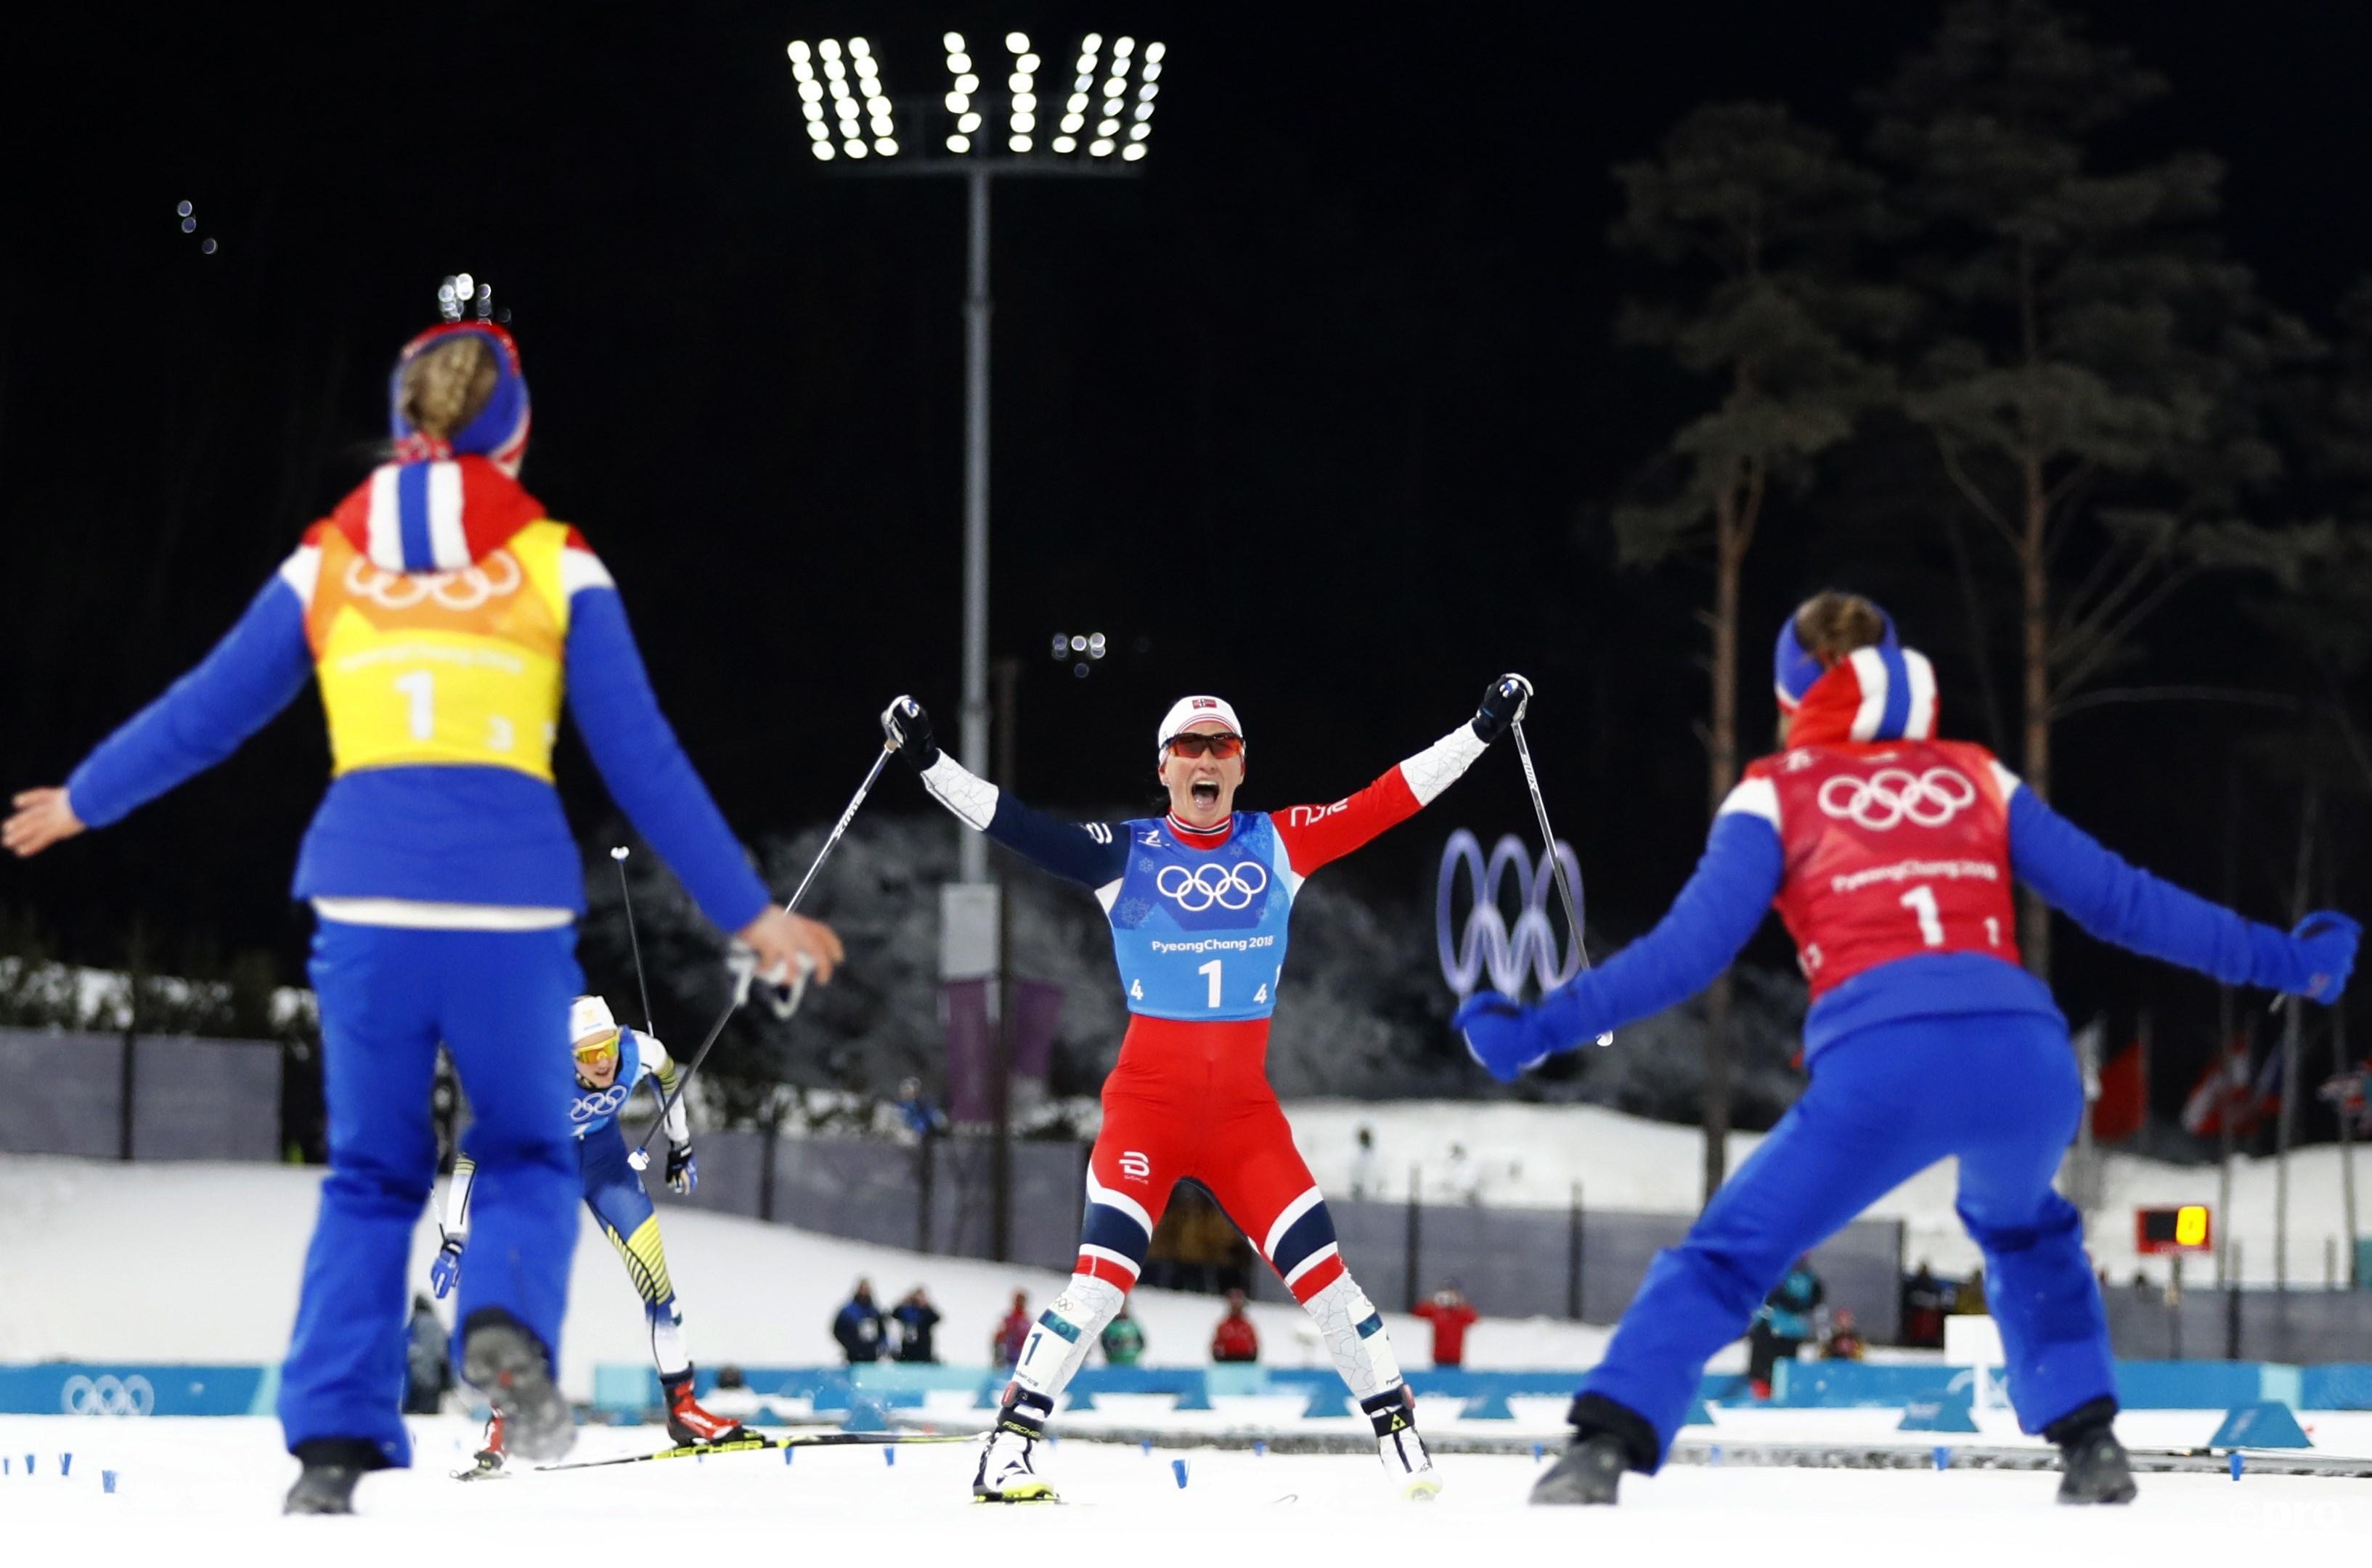 De gouden Bjørgen wordt begroet bij de finish (Pro Shots/Action Images)